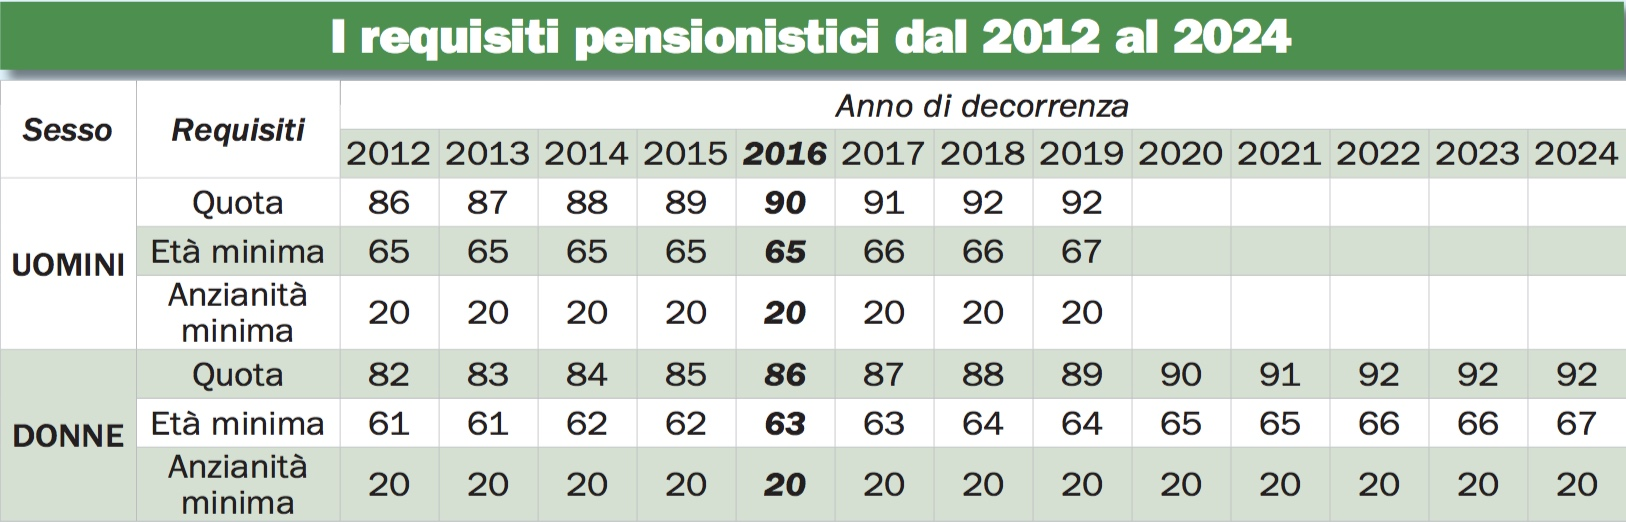 Enasarco requisiti pensione